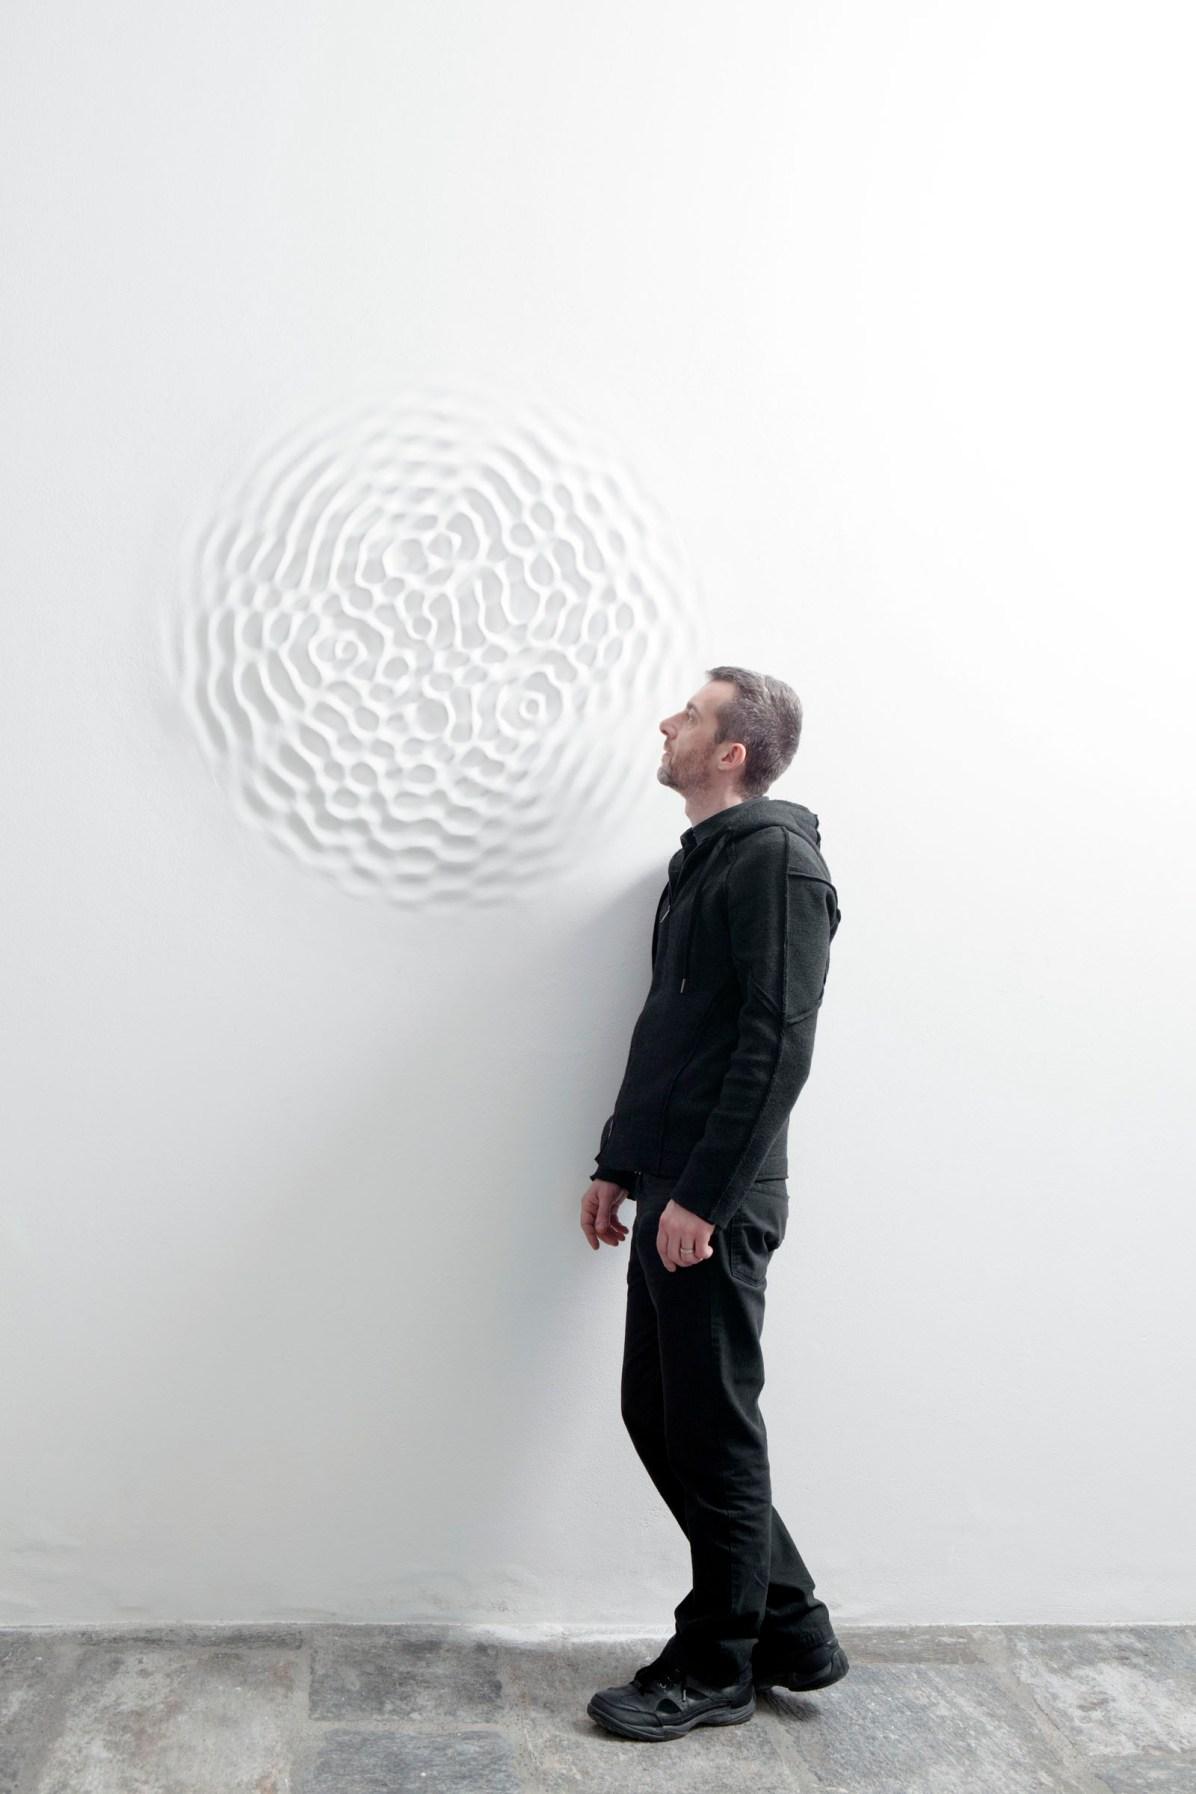 Loris Cecchini, 2014, Fondazione Arnaldo Pomodoro, Milano Foto di Ugo Dalla Porta